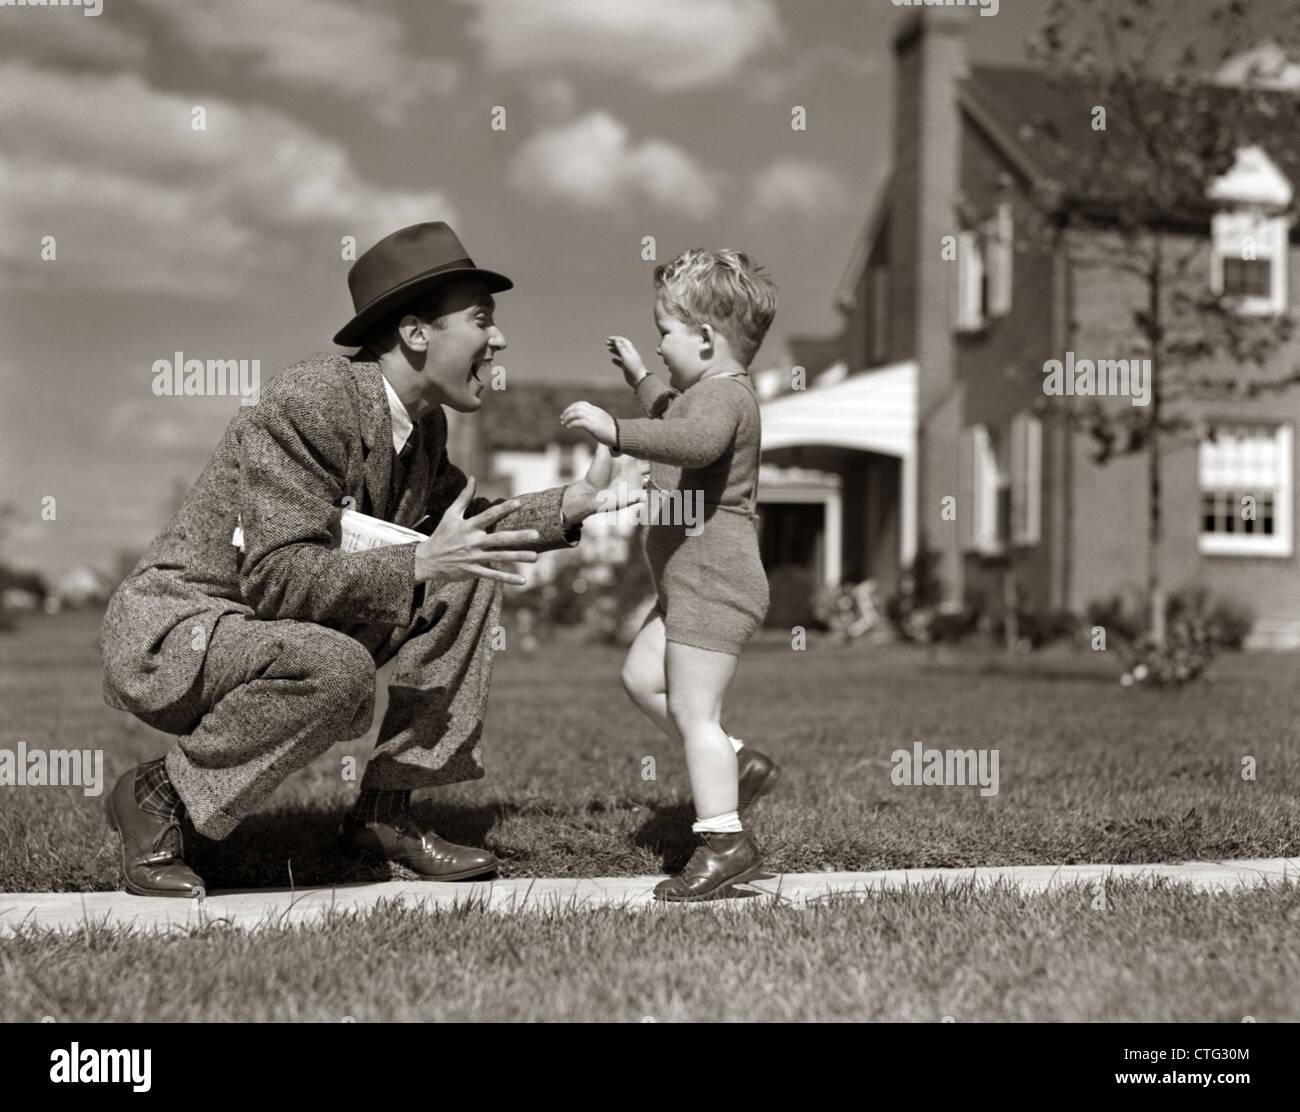 1940ER JAHREN VATER GRUß SOHN LAUFEN IN RICHTUNG IHN AUF BÜRGERSTEIG Stockbild